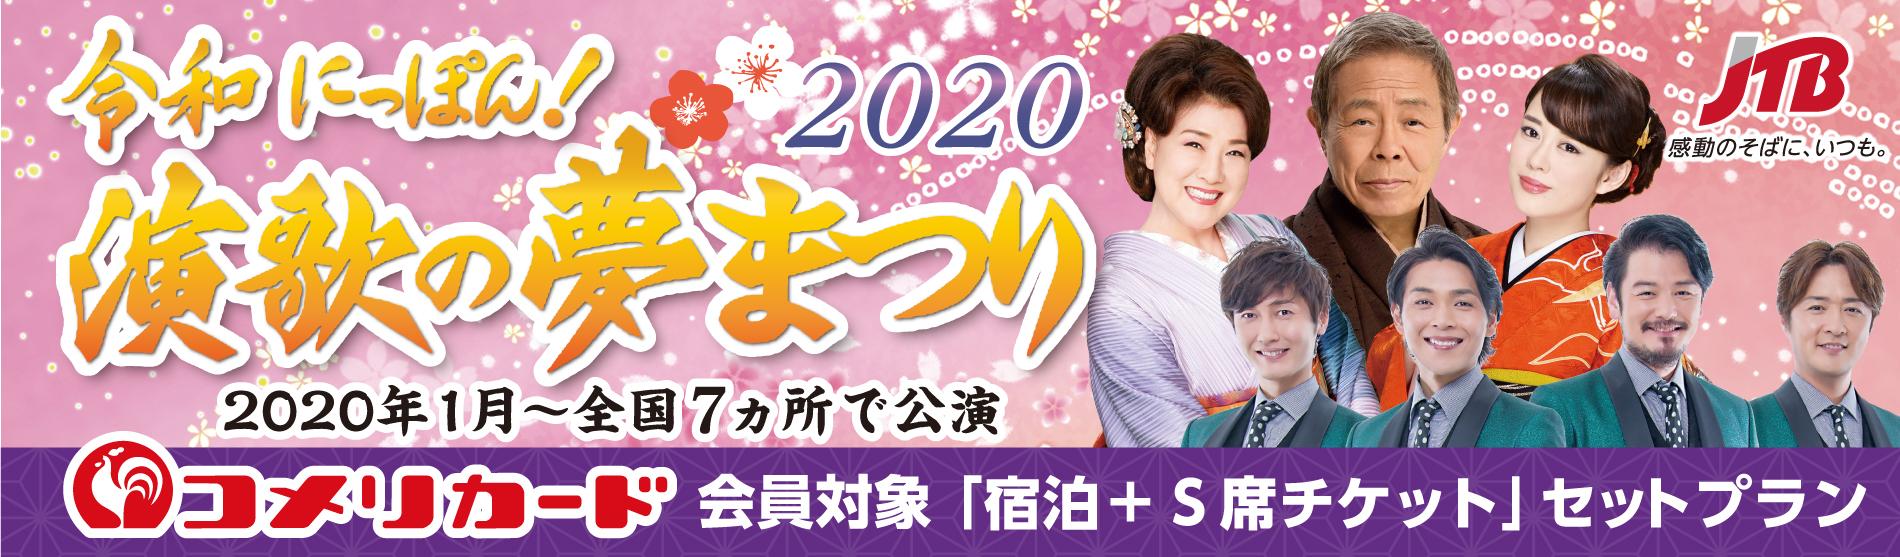 演歌の夢まつり2020コメリカード会員対象オリジナル企画